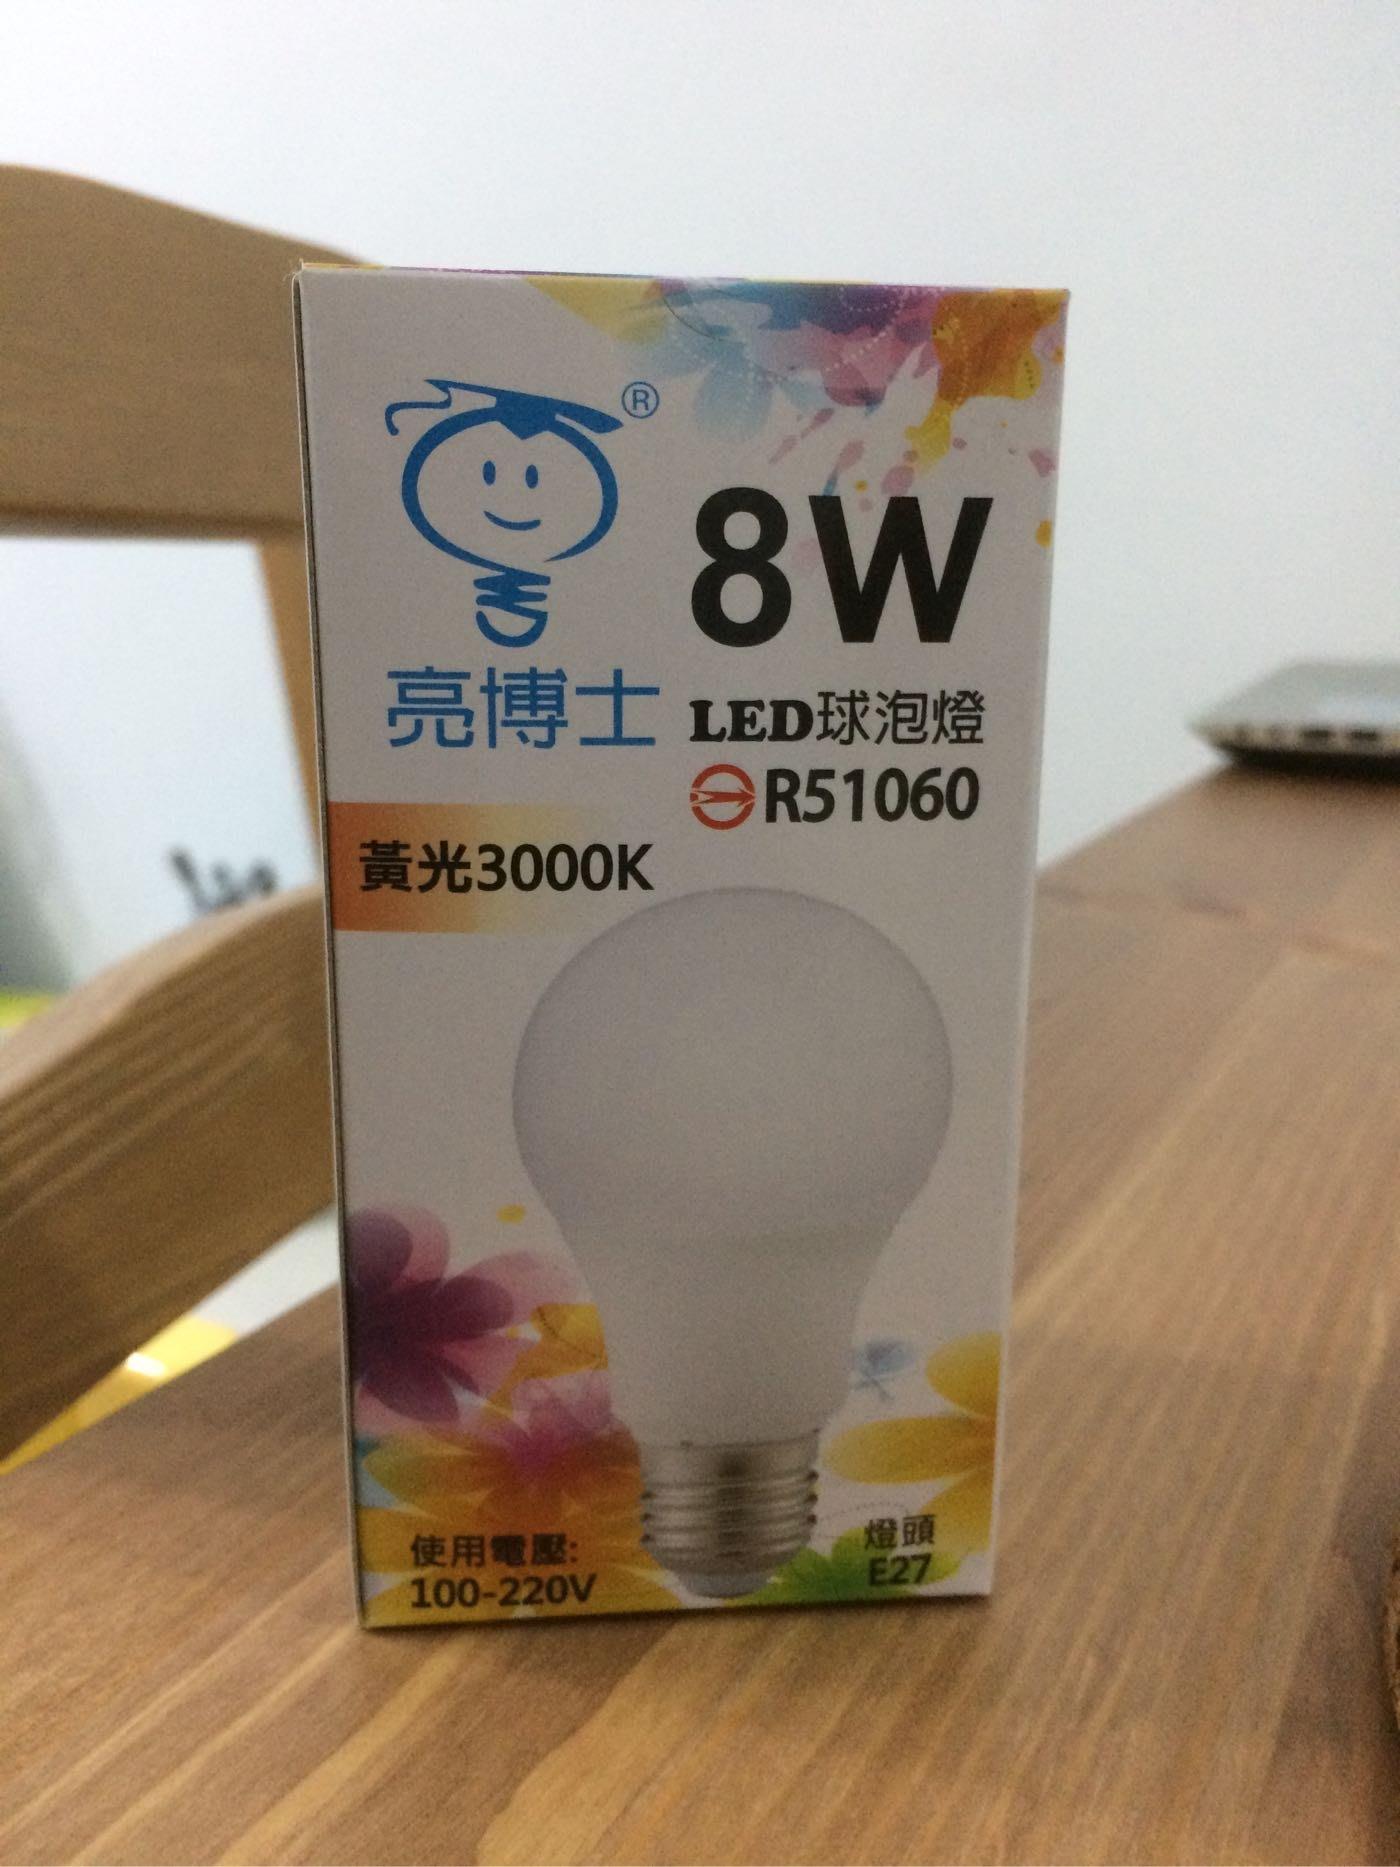 亮博士 8W 黃光3000k 560lm 球泡燈 LED燈